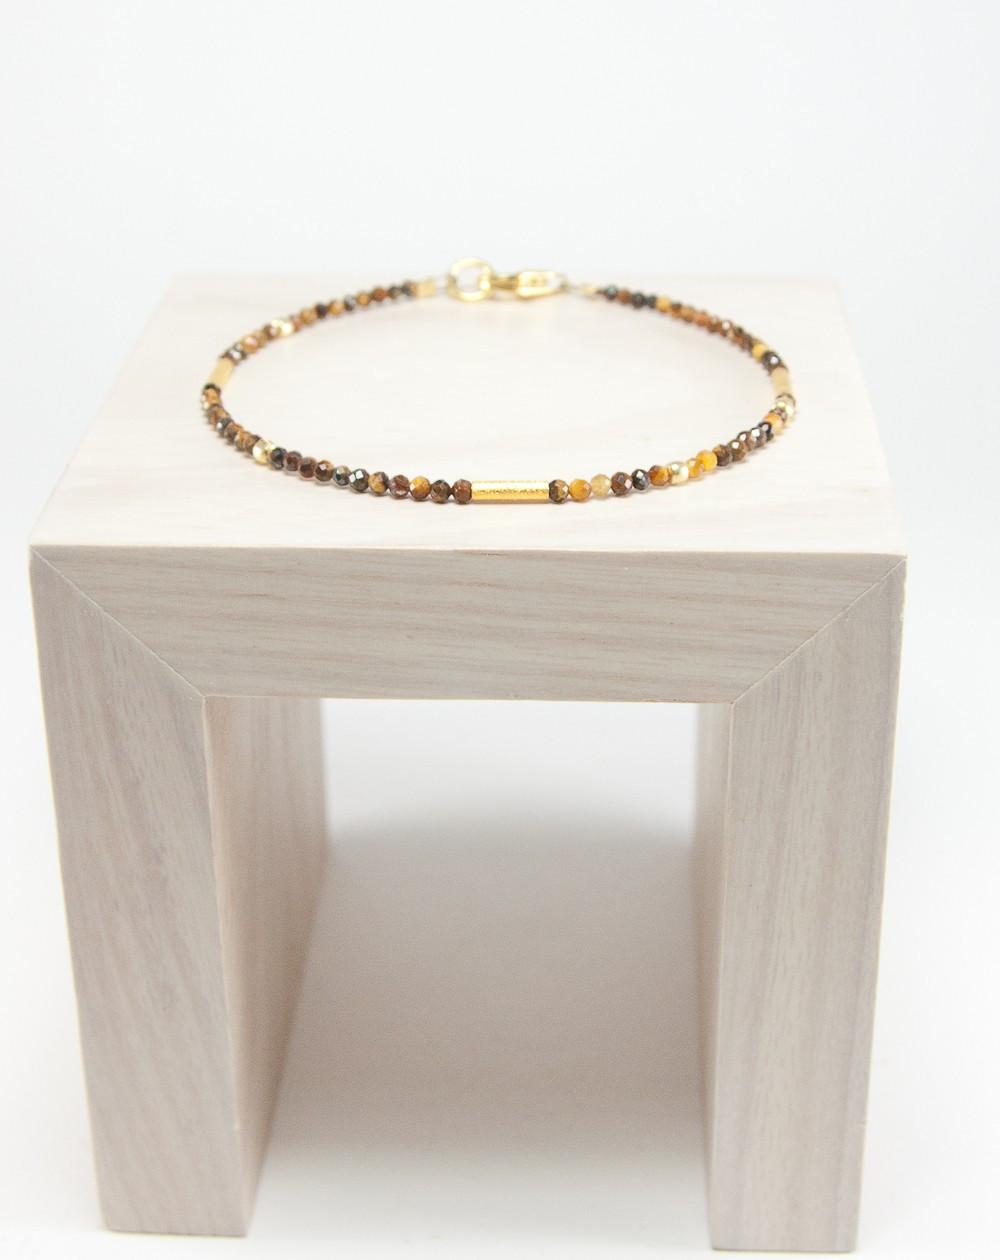 Bracelet en oeil de tigre, collection épure